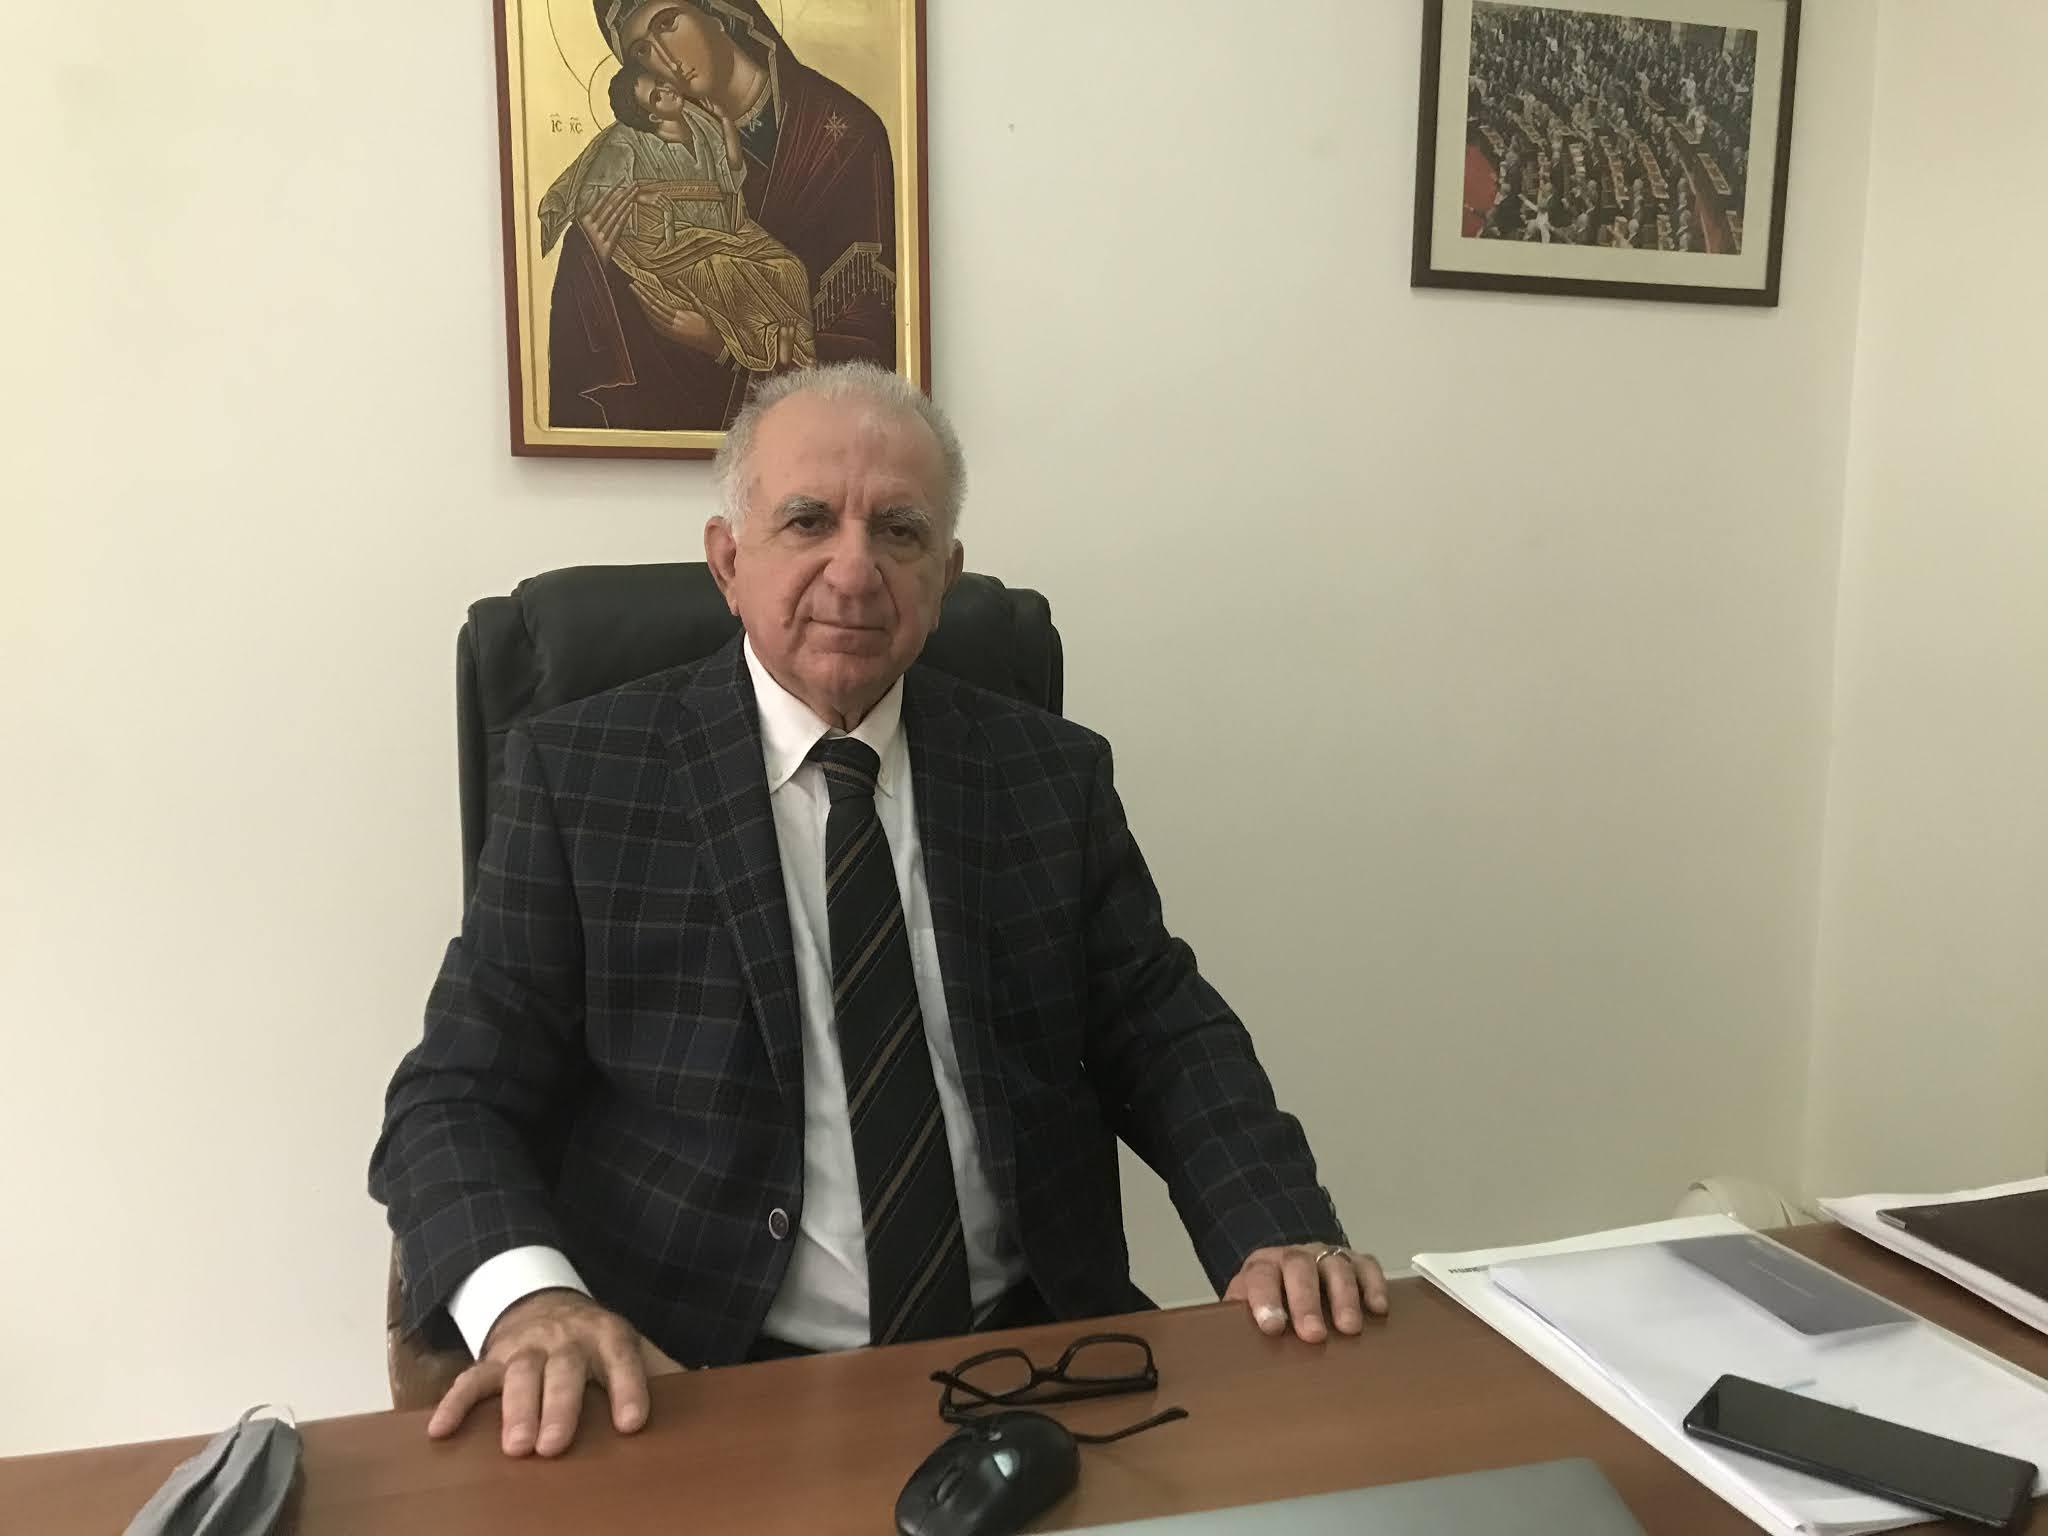 Ανδρέας Κουτσούμπας : Πρόταση για κοινή σύσκεψη κυβερνητικών βουλευτών της Στερεάς υπό τον περιφερειάρχη για να διεκδικηθούν από κοινού έργα